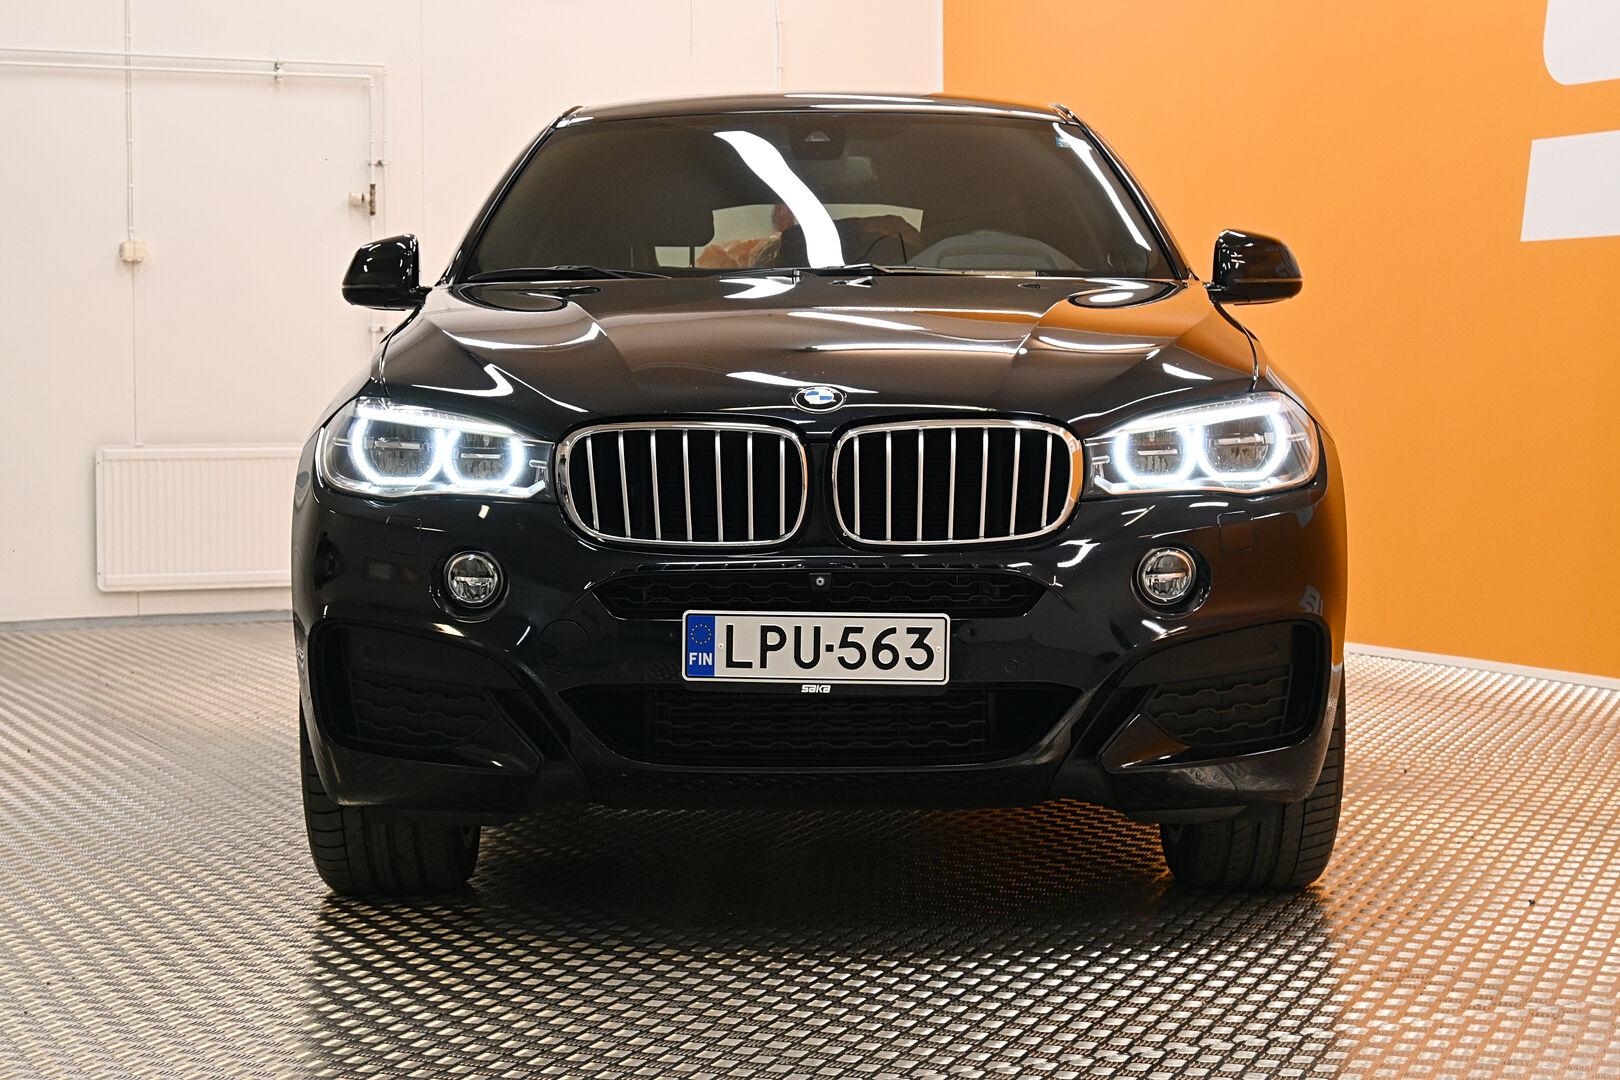 Musta Maastoauto, BMW X6 – OUL-13943, kuva 34